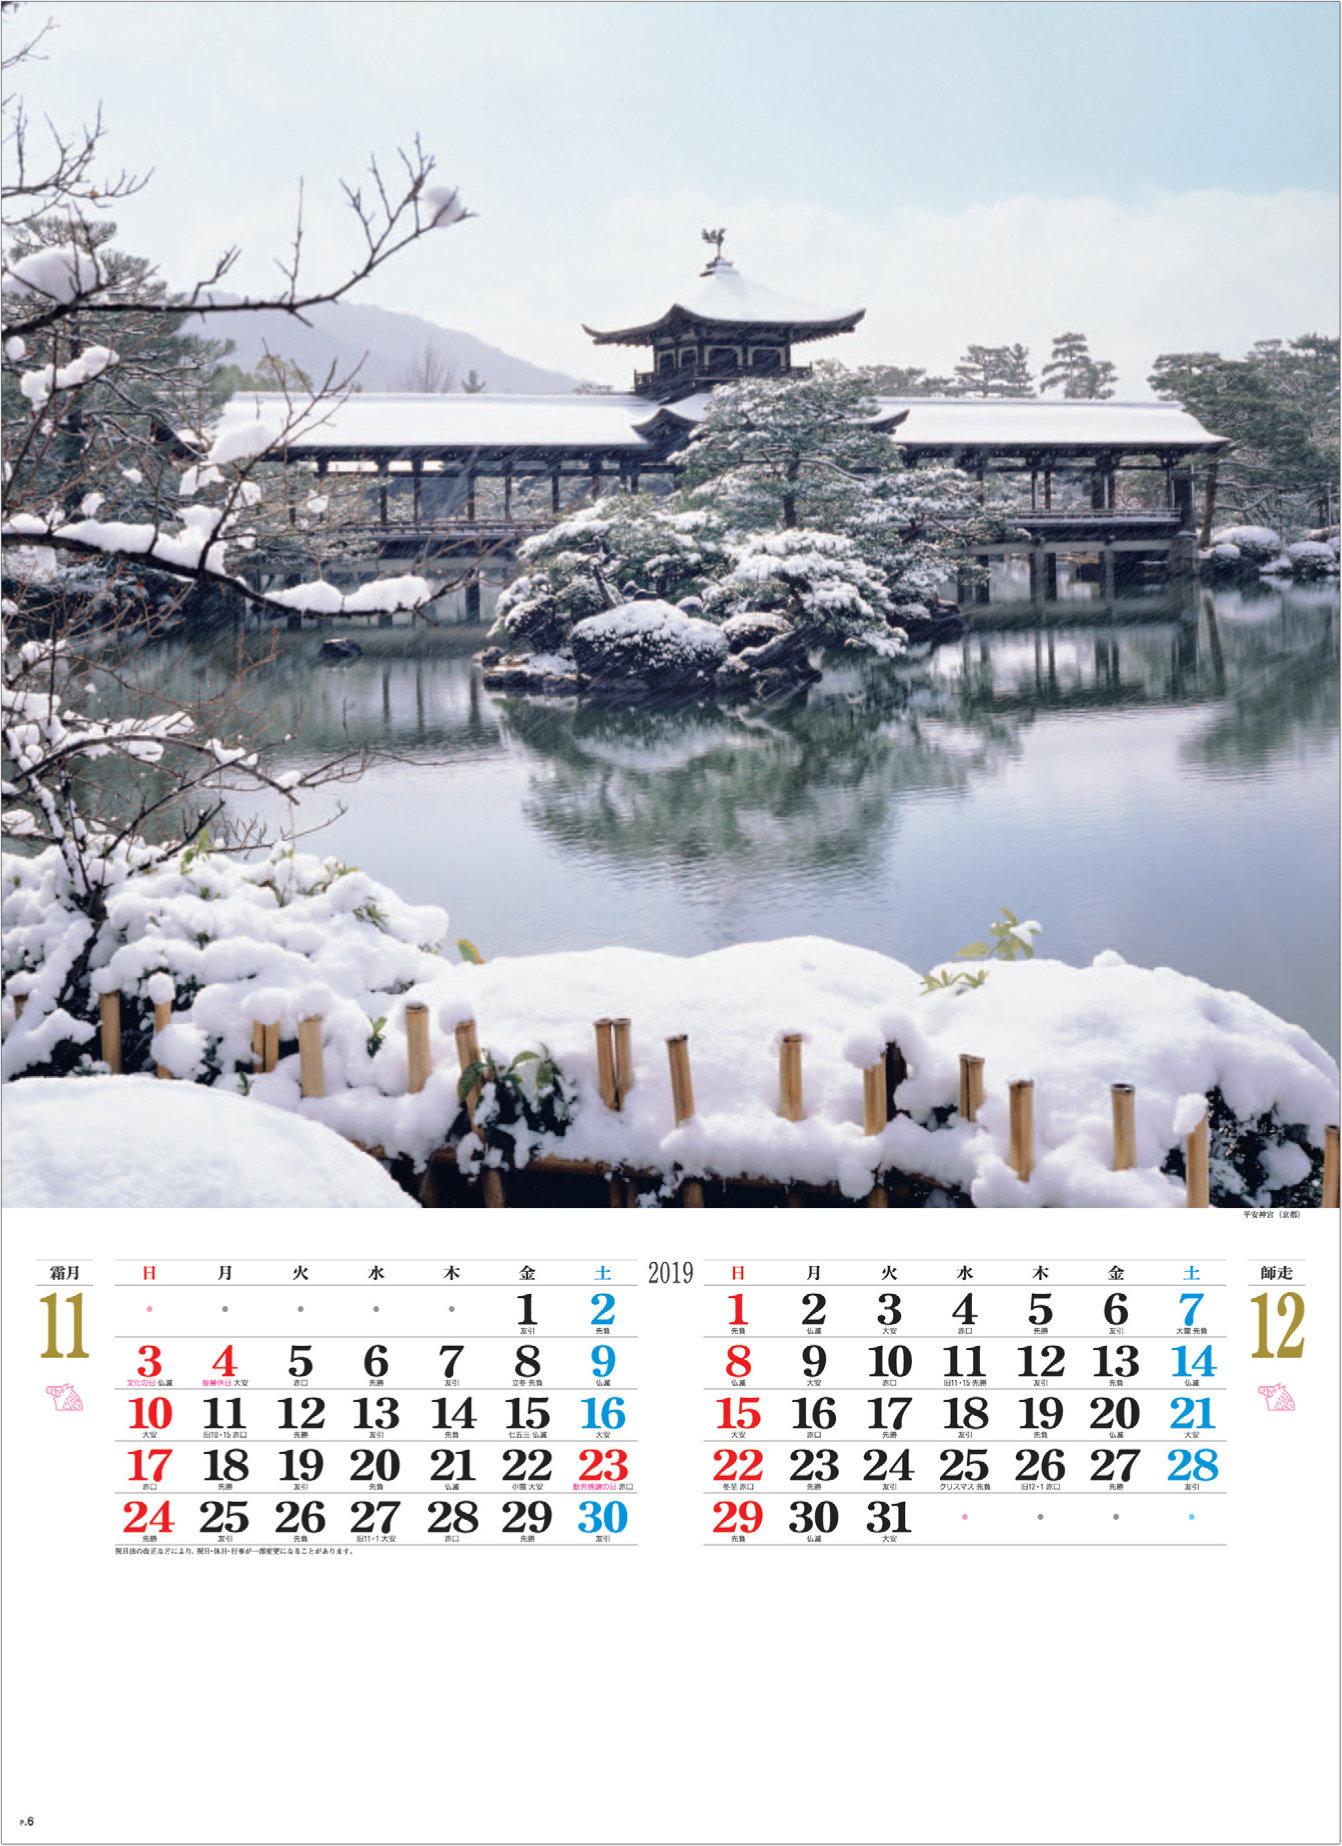 画像:京都 平安神宮の雪景色 庭の心 2019年カレンダー